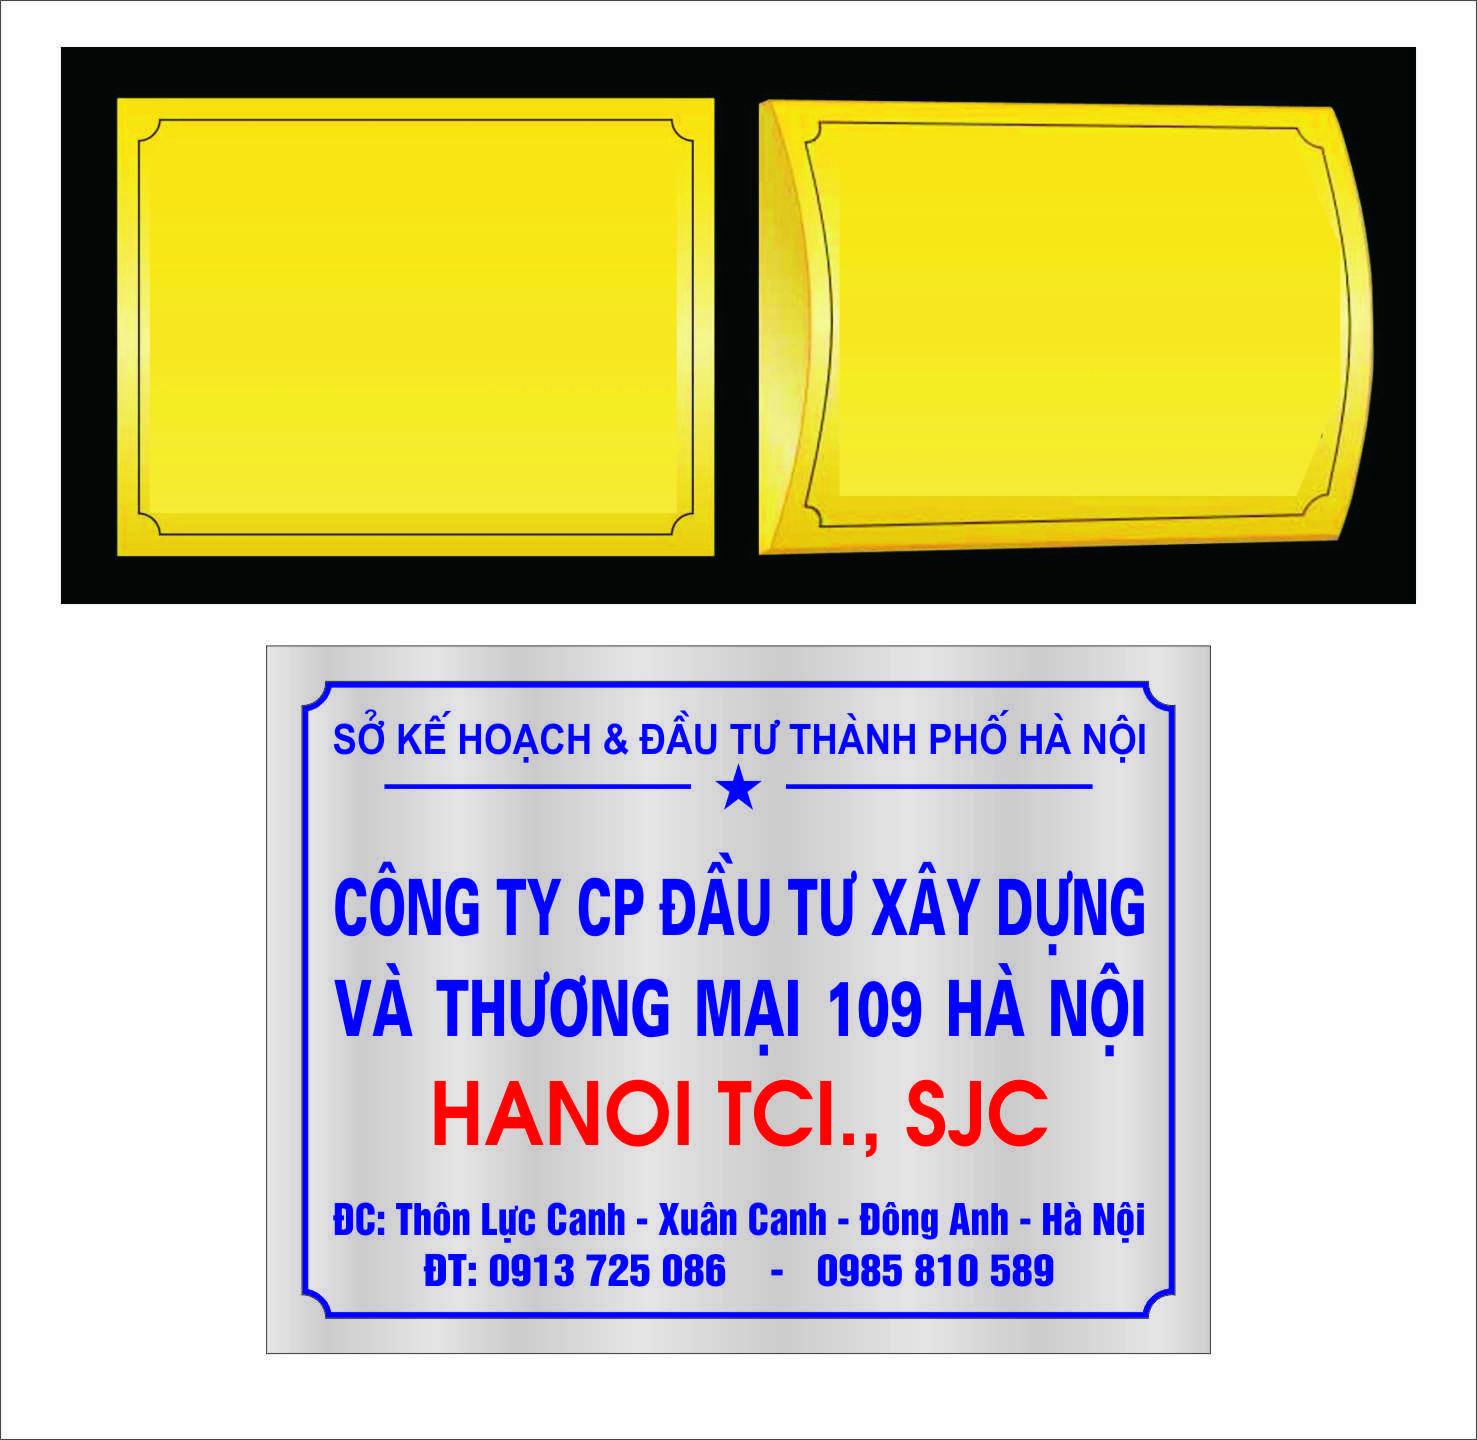 Làm Biển Đồng, Inox, Biển Mica giá rẻ tại Hà Nội